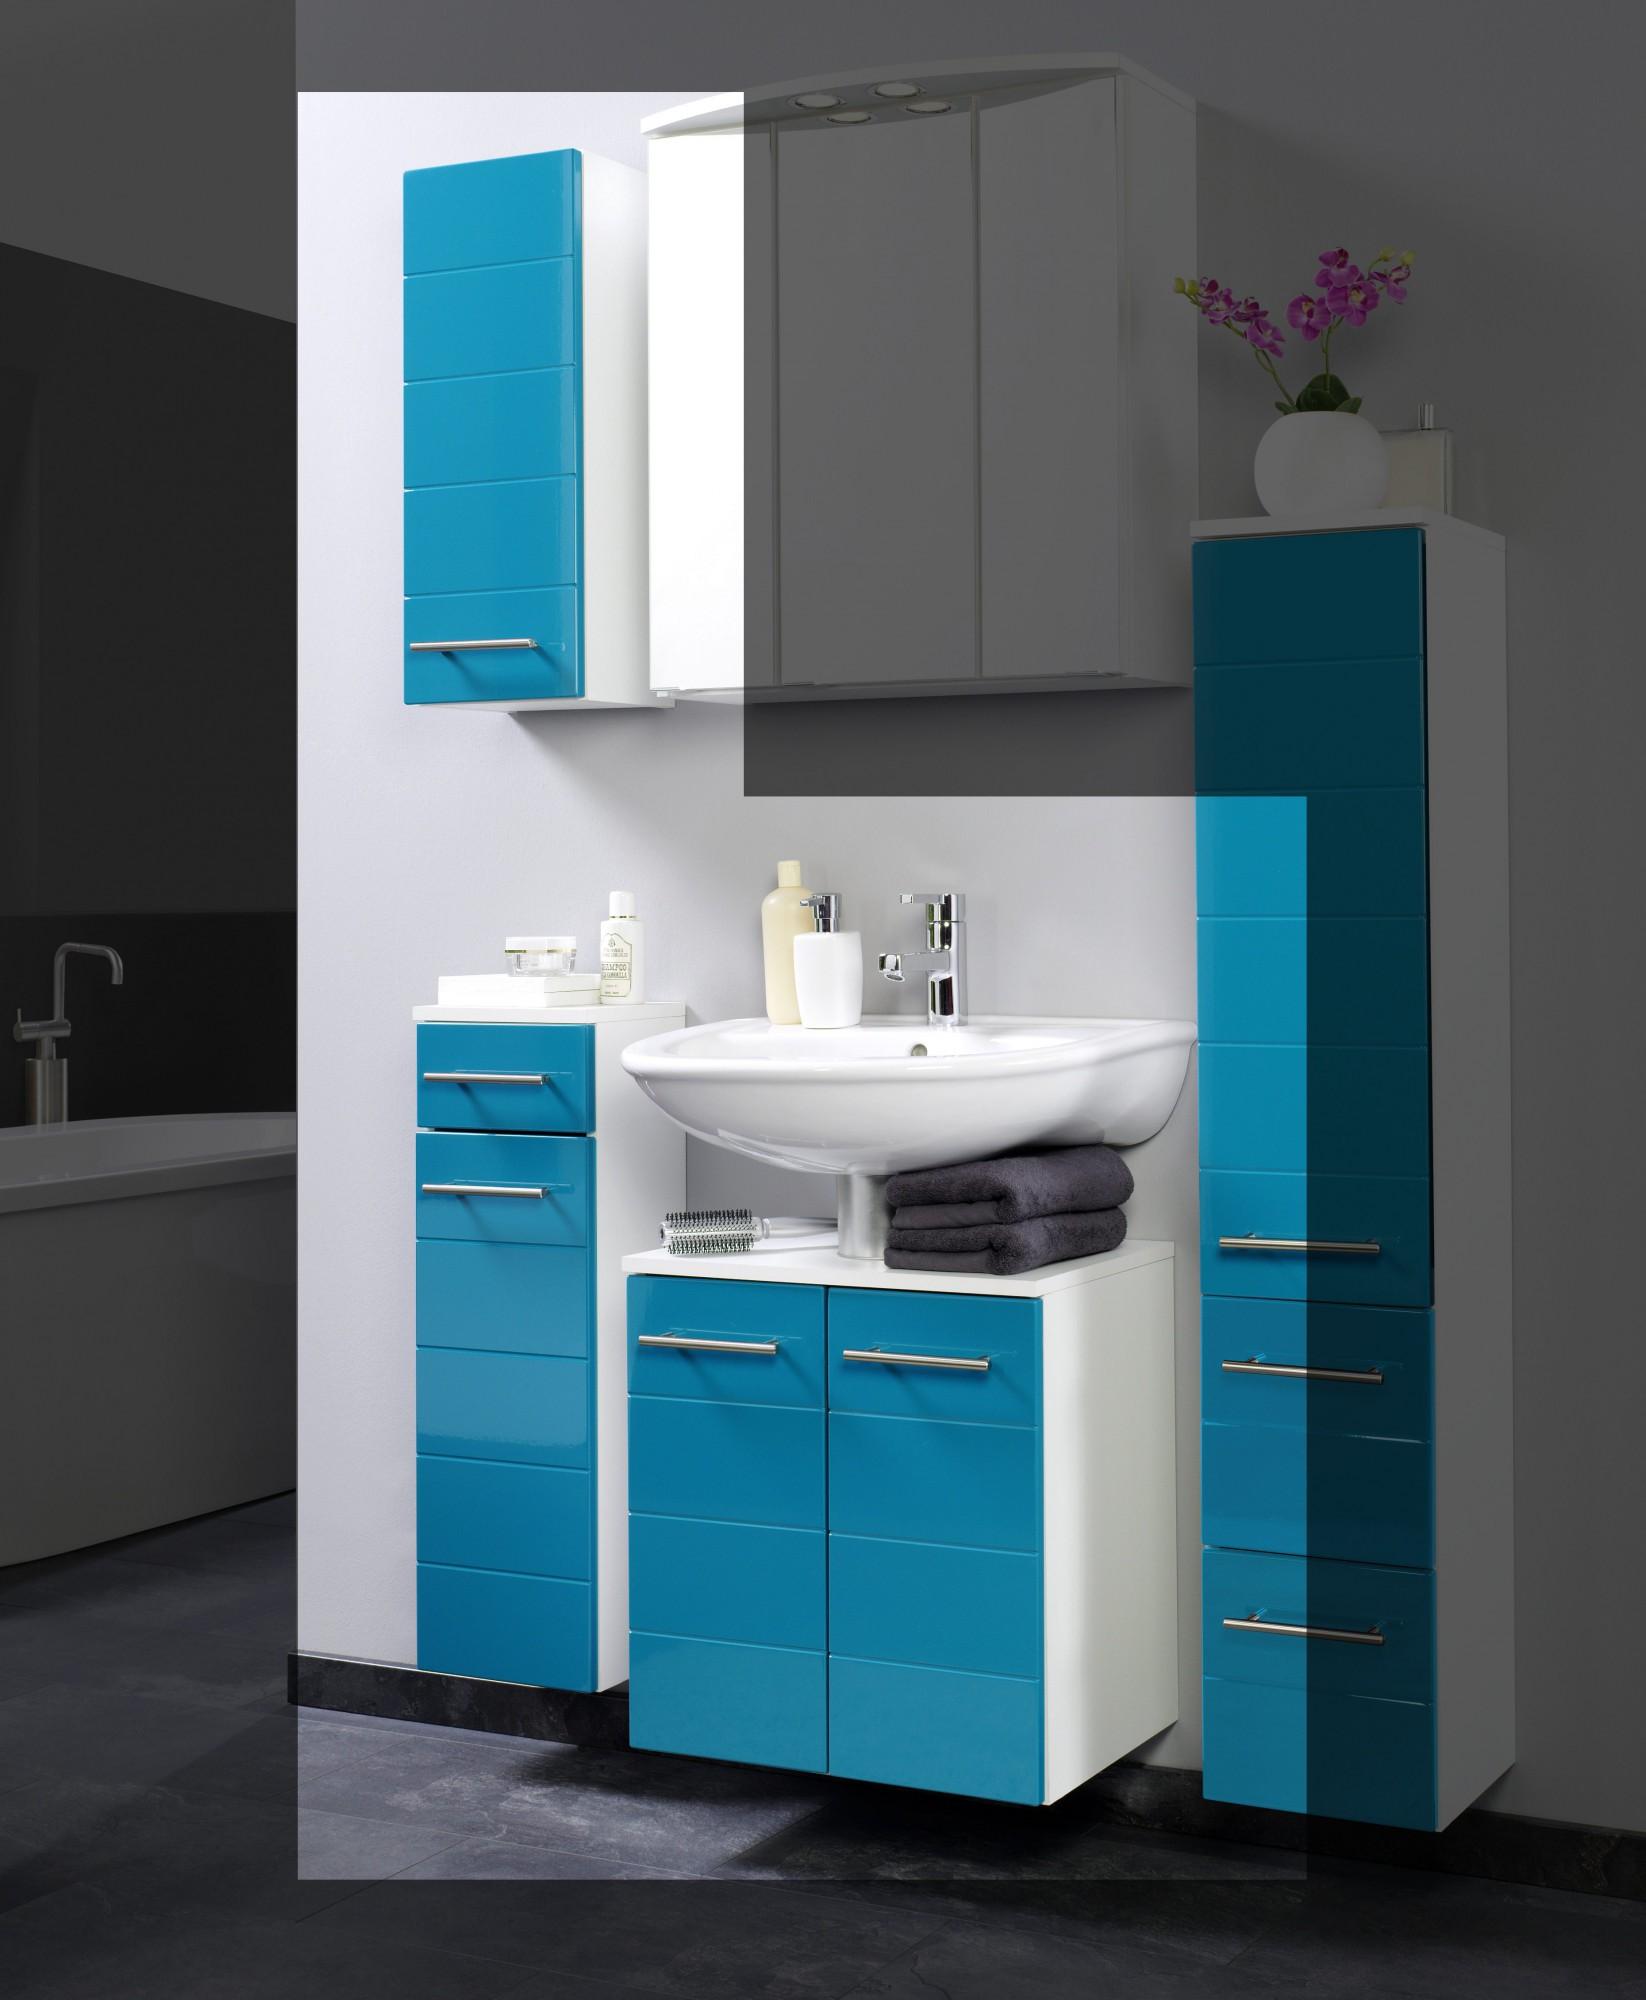 neu badm belset rimini 3 teilig 75 cm t rkis ebay. Black Bedroom Furniture Sets. Home Design Ideas